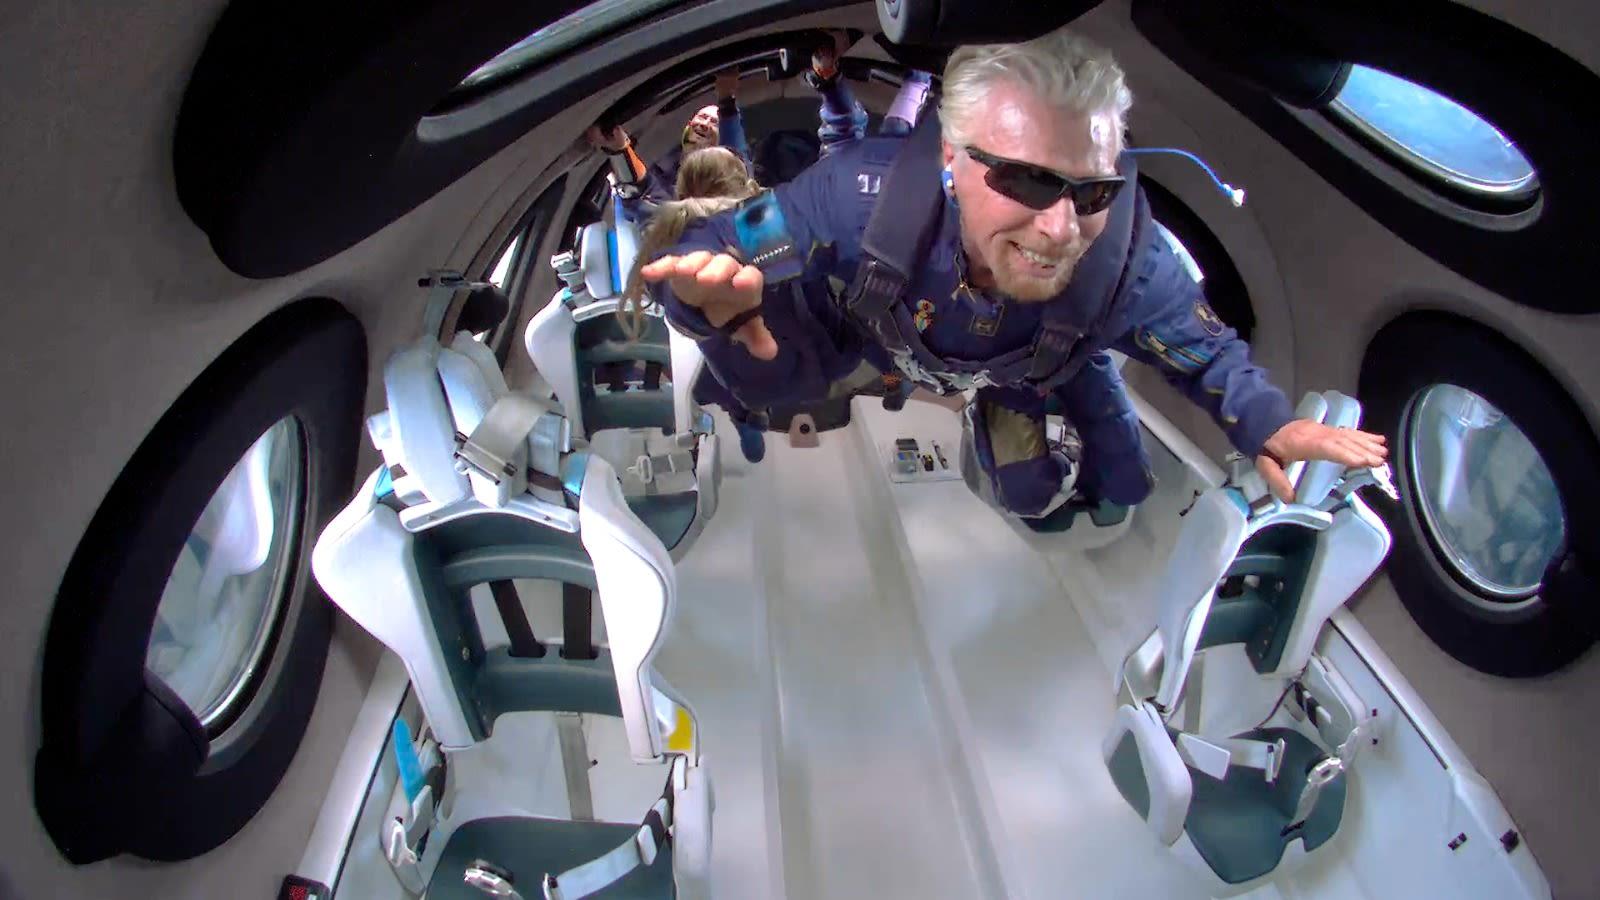 Richard Branson sentindo falta de peso durante o vôo espacial 22 da Virgin Galactic Unity